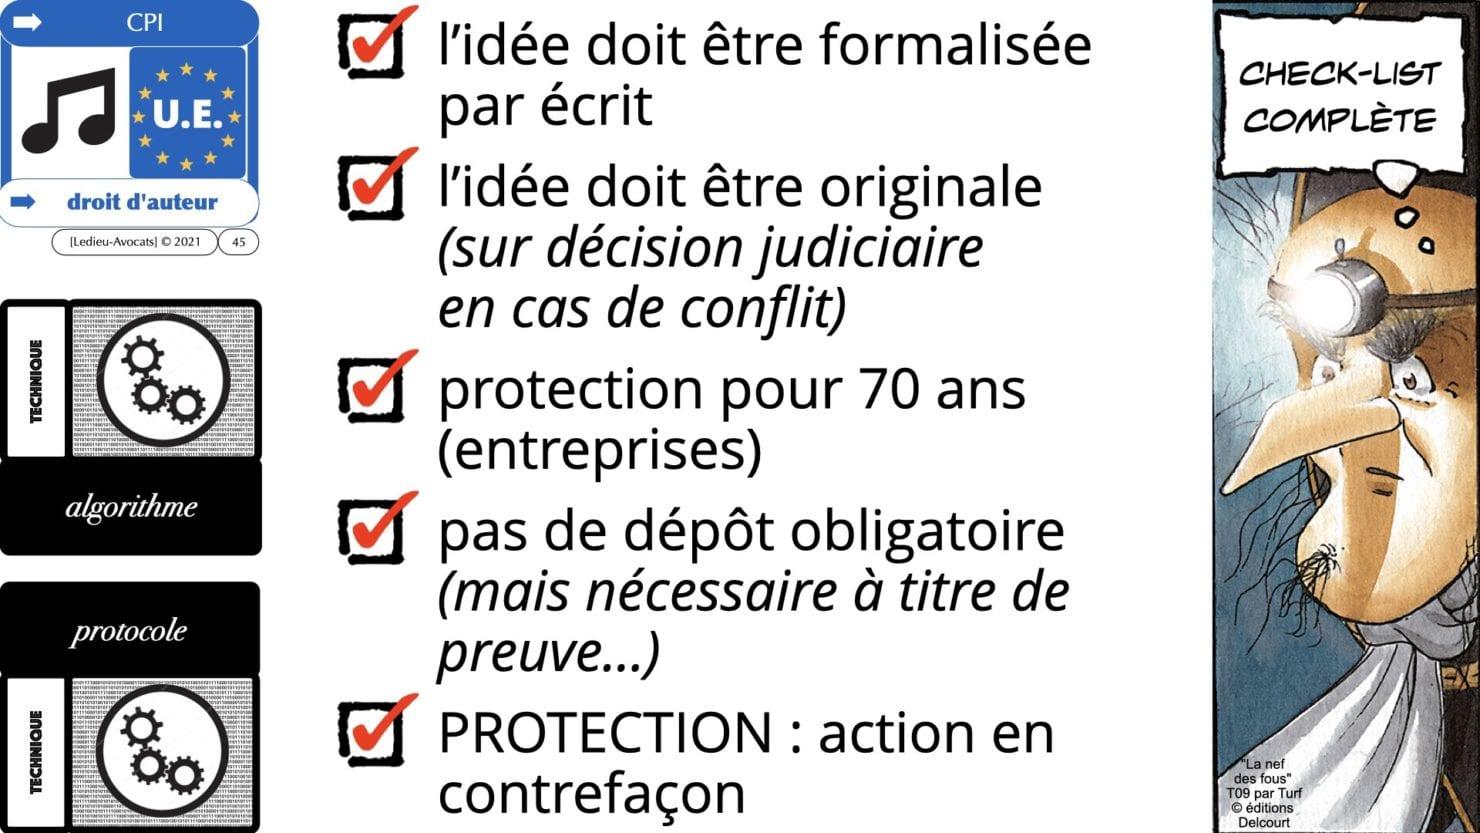 la protection par le droit d'auteur